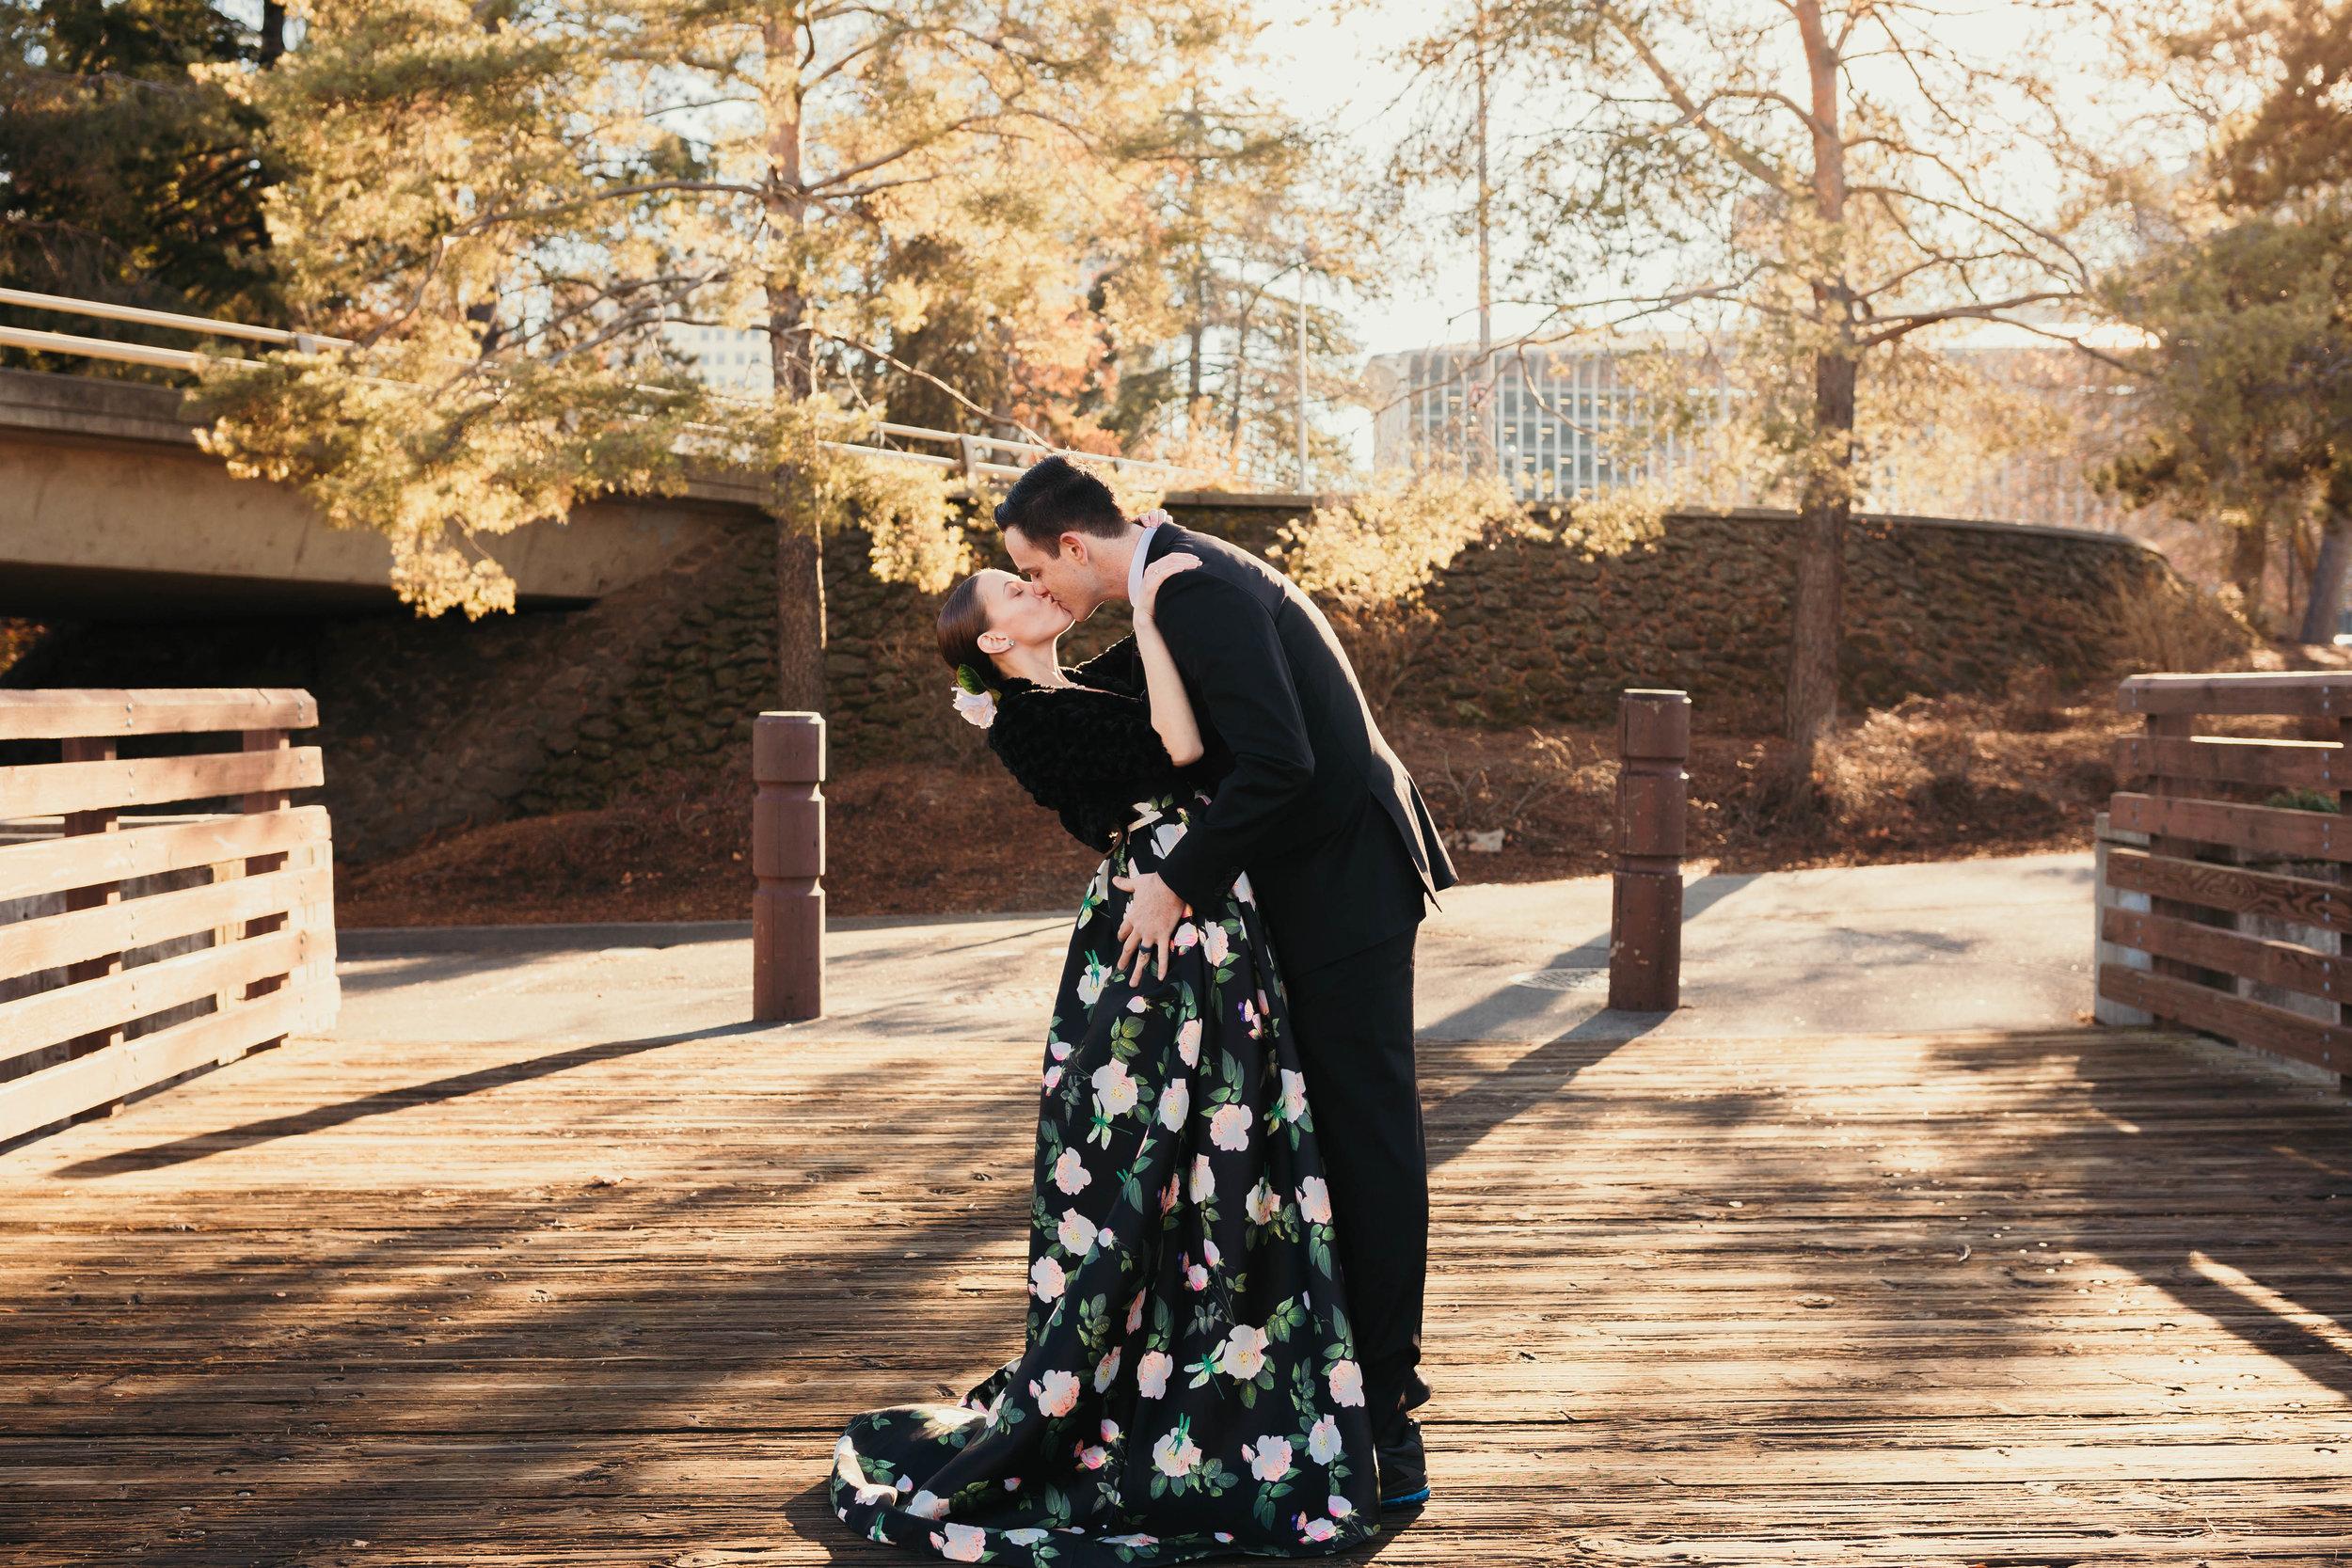 izzy+jacob-weddingsneakpeekblog-77.jpg